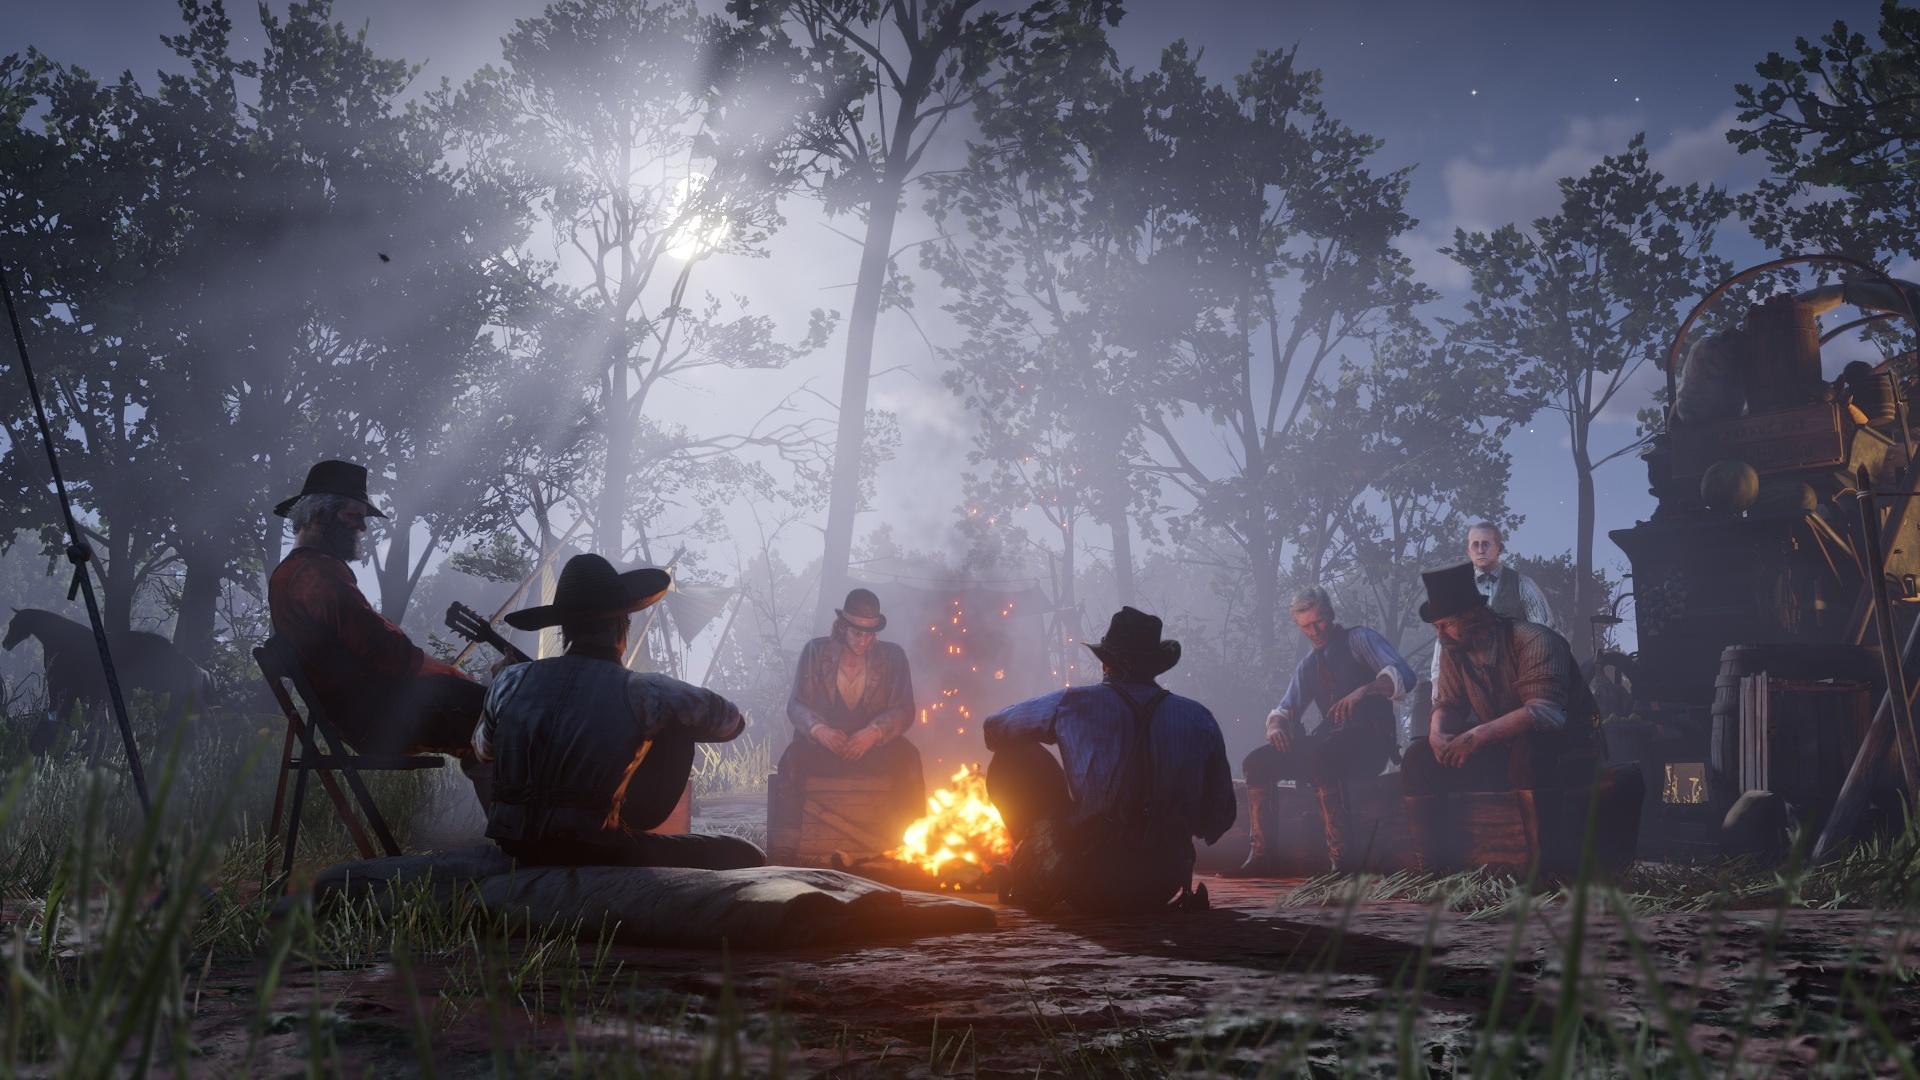 Neue Screenshots zu Red Dead Redemption 2 zeigen Tierwelt, Open World und Charaktere. Bild 19 - Quelle: Rockstar Games